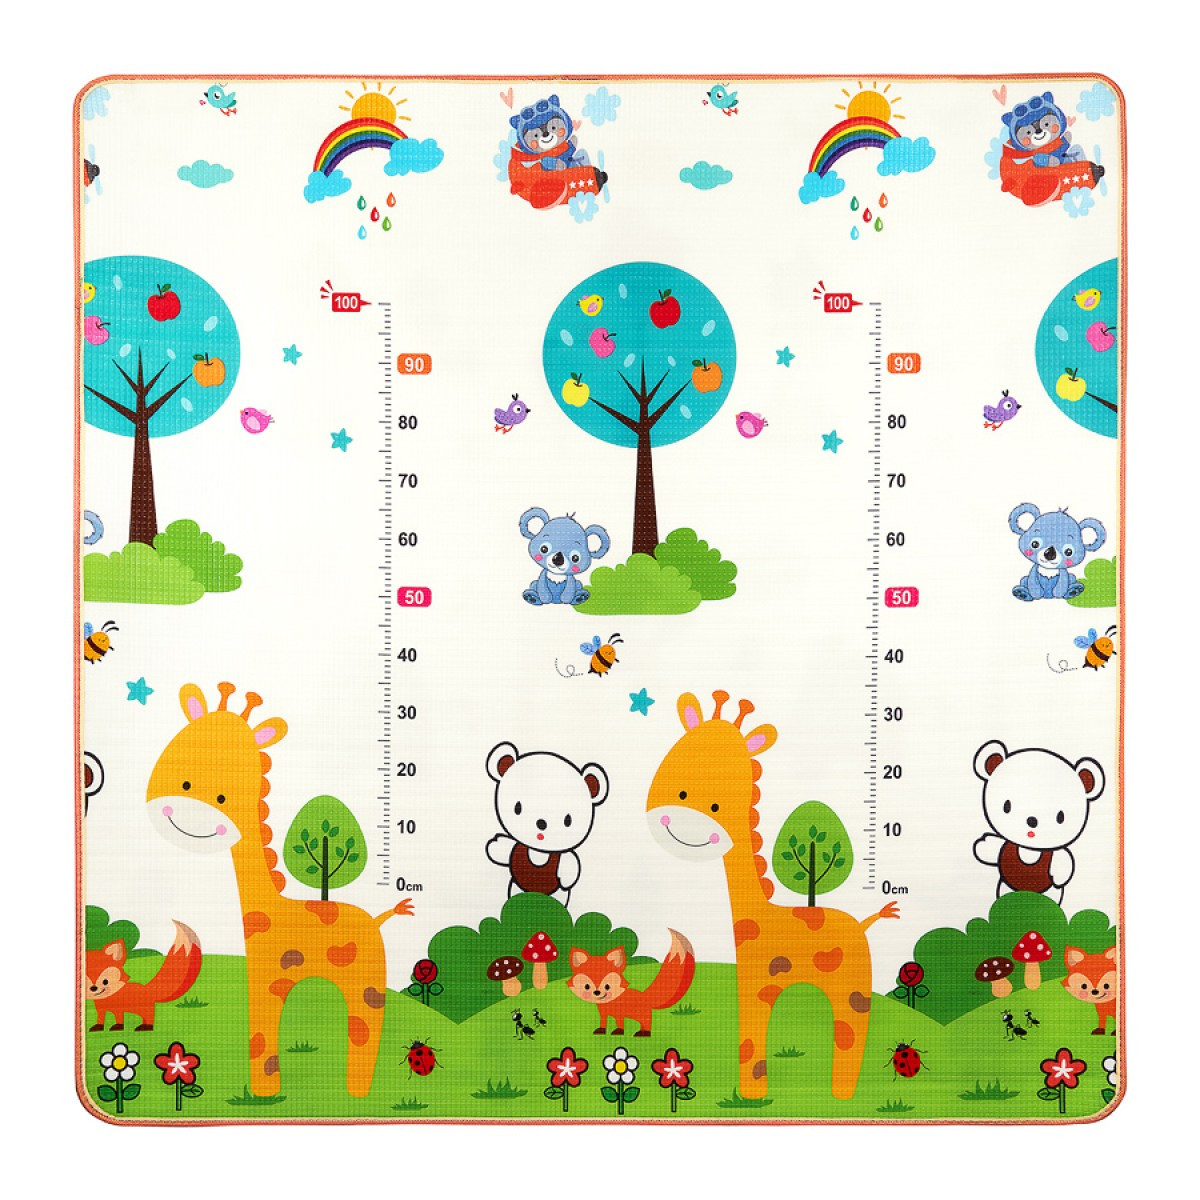 Розвиваючий дитячий килимок двосторонній 4FIZJO KIDS 180 x 180 x 1 см 4FJ0161